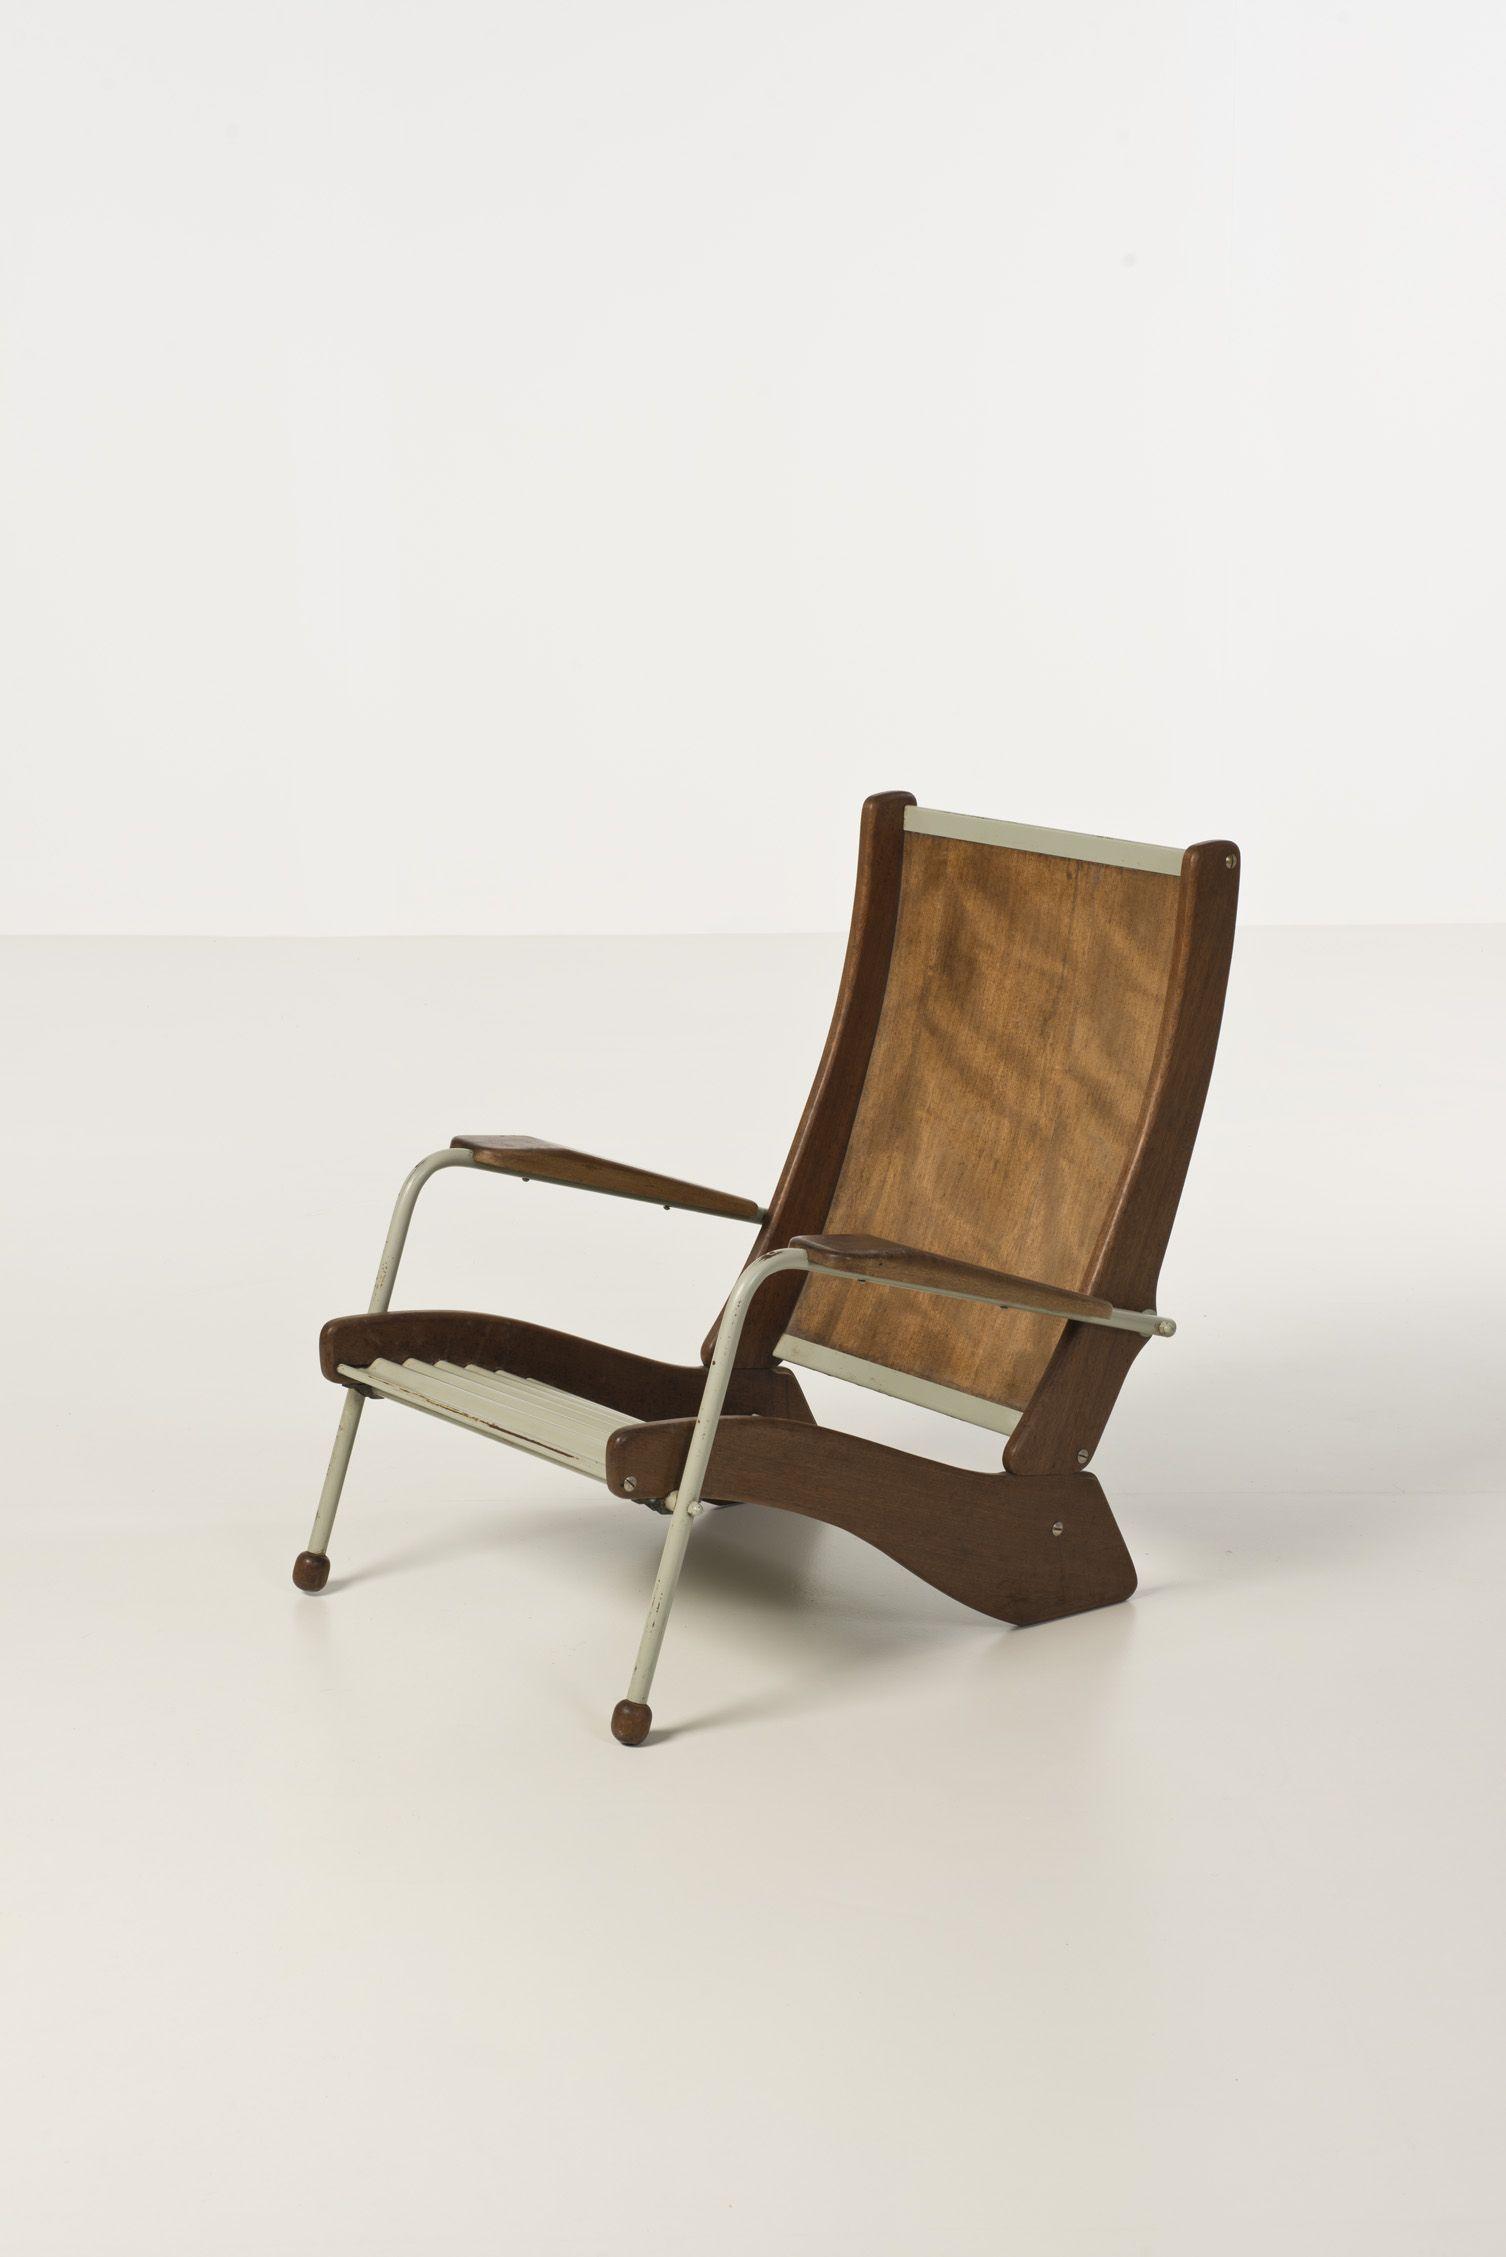 Rare version du fauteuil Kangourou (modéle  FV 22) Piasa.fr Auction 05/27/14